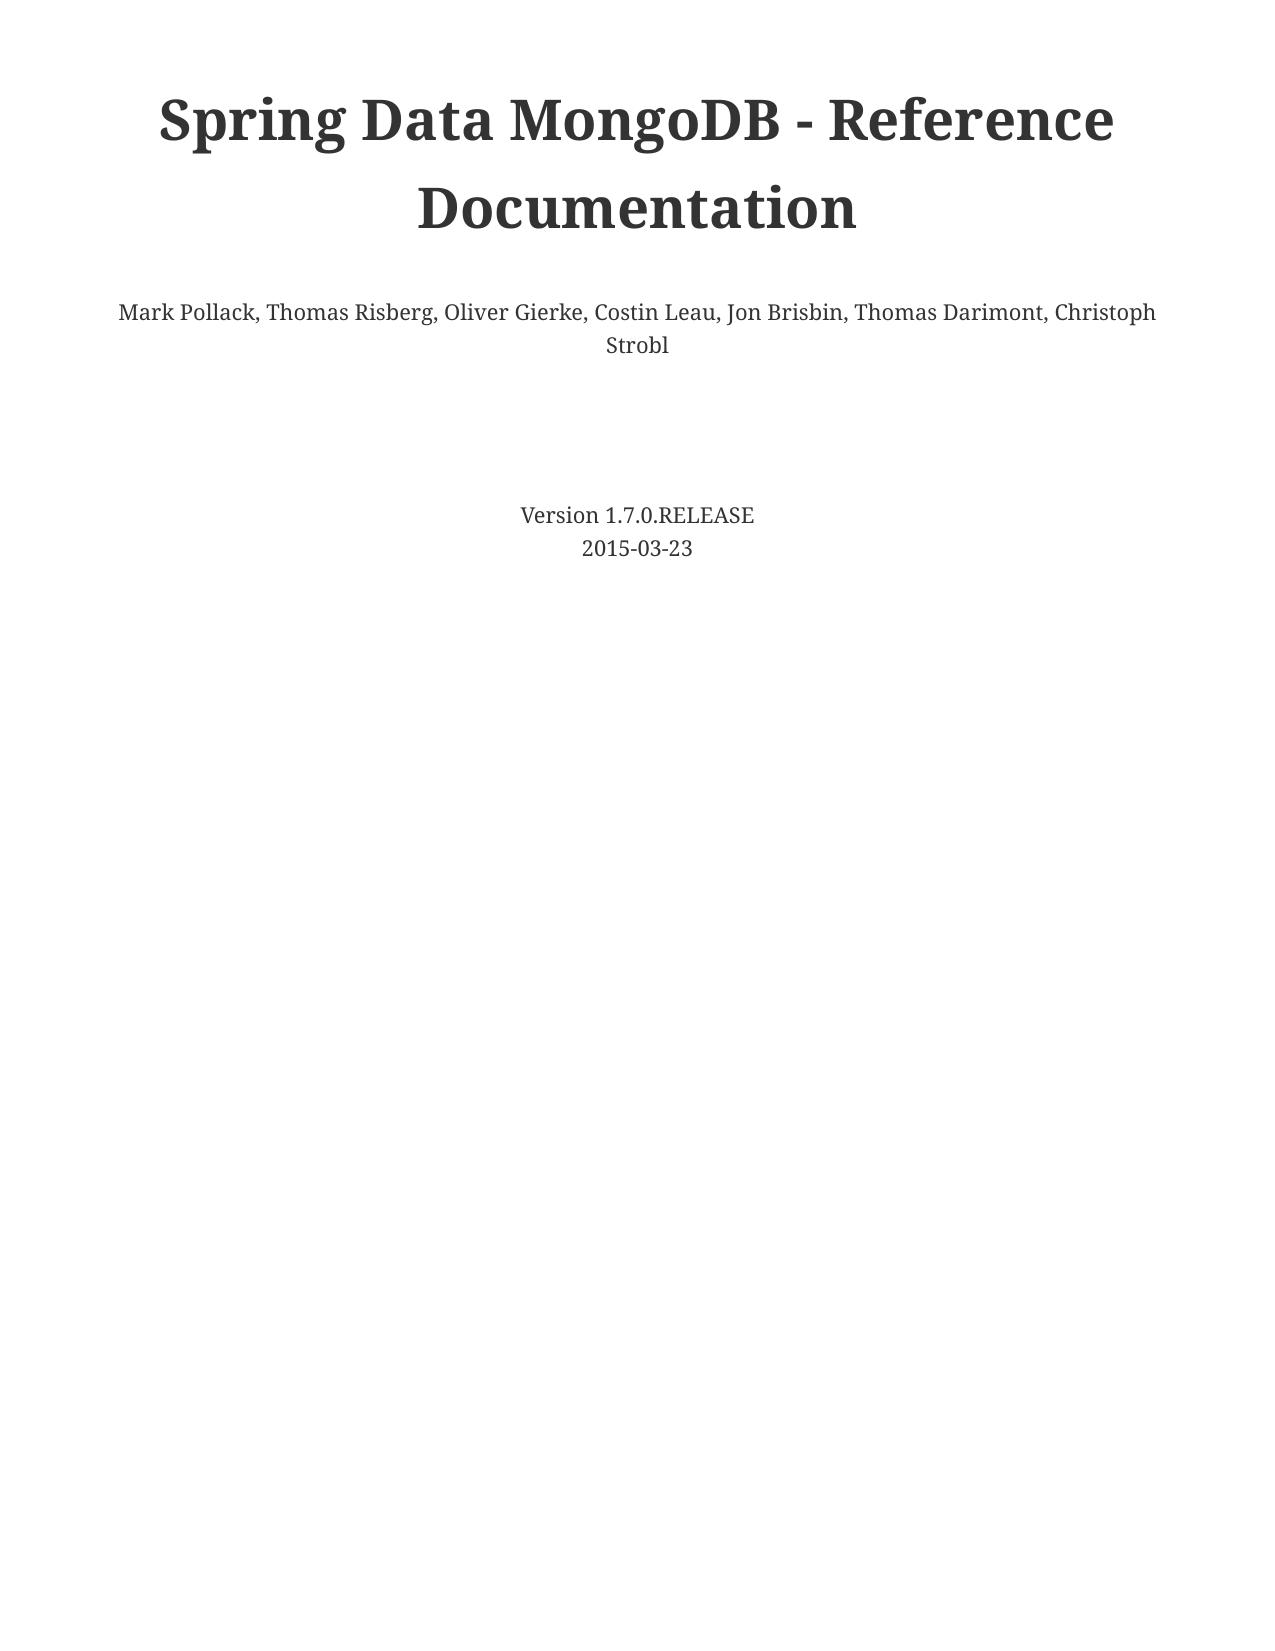 Spring Data MongoDB - Reference Documentation | manualzz com